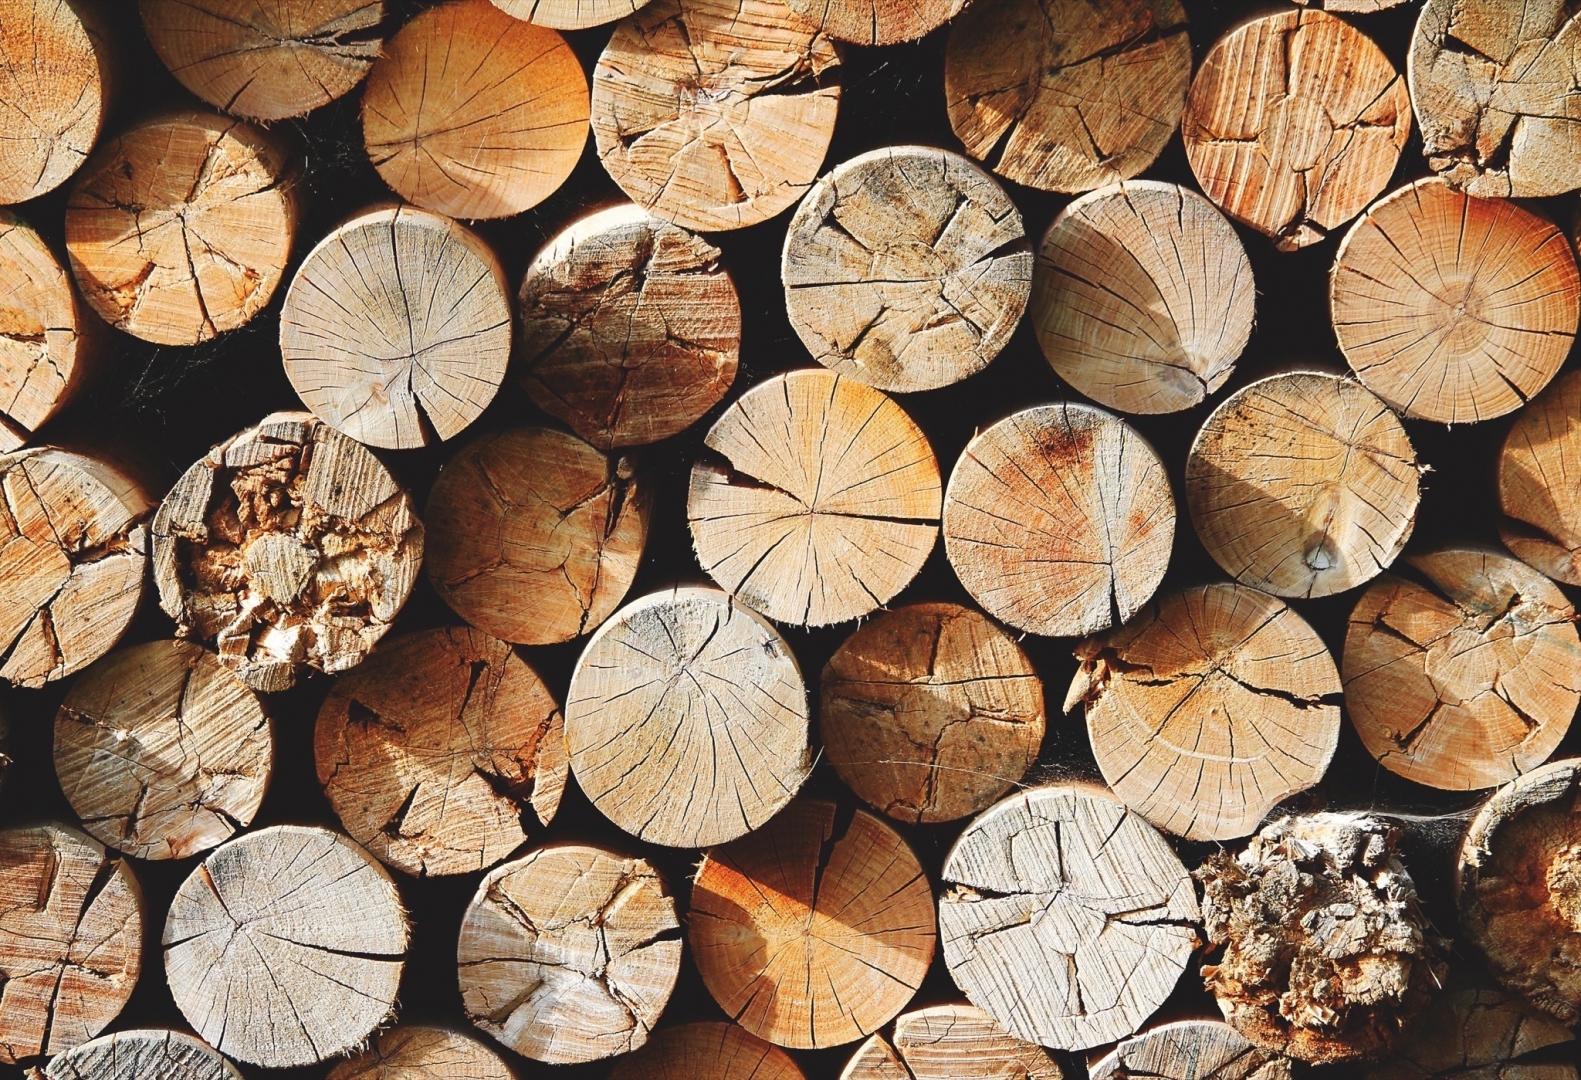 Jak Przygotować Drewno Do Kominka Jakie Drewno Do Kominka